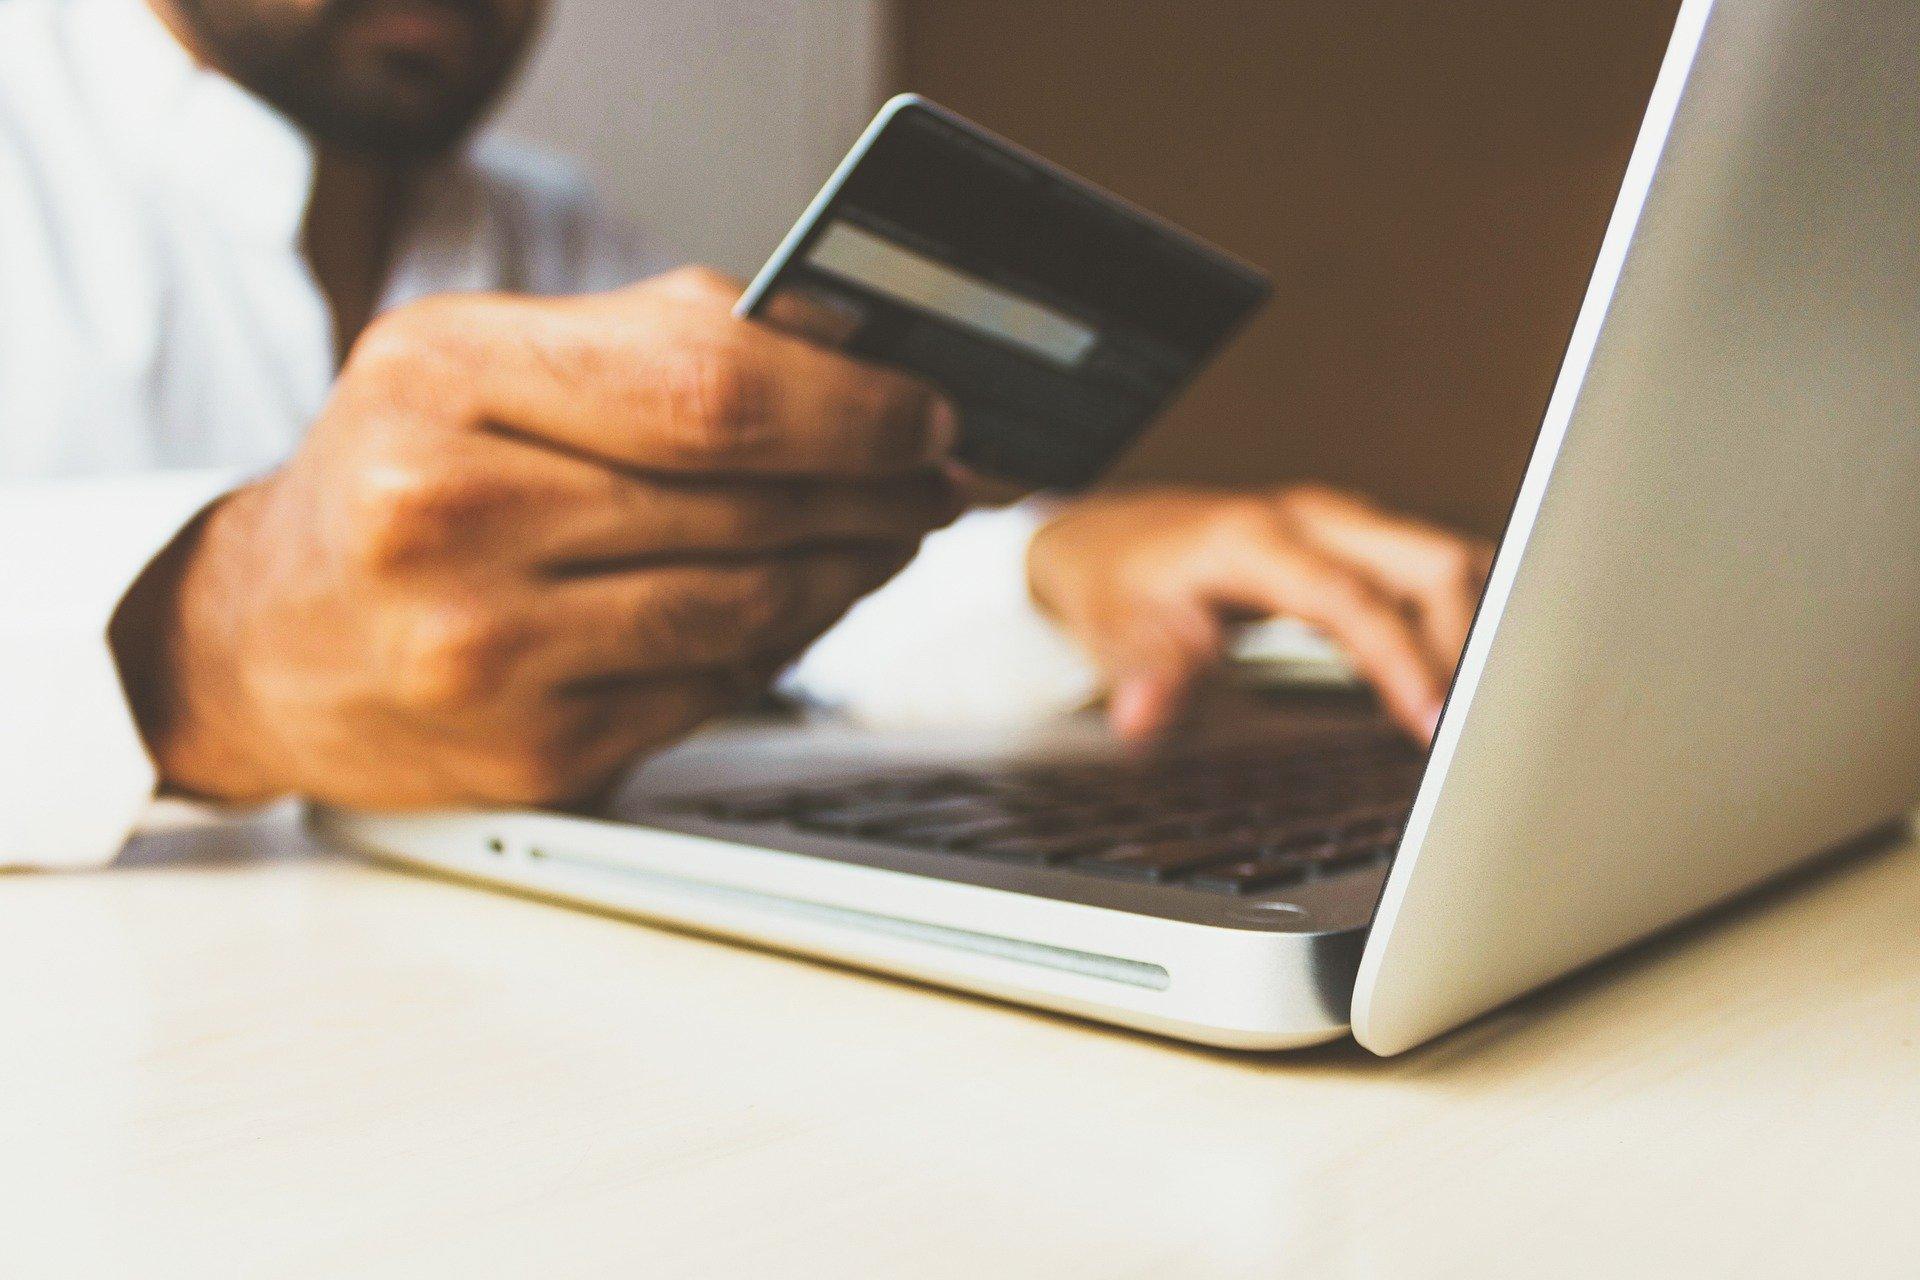 Loja virtual própria x marketplace: entenda vantagens e desvantagens